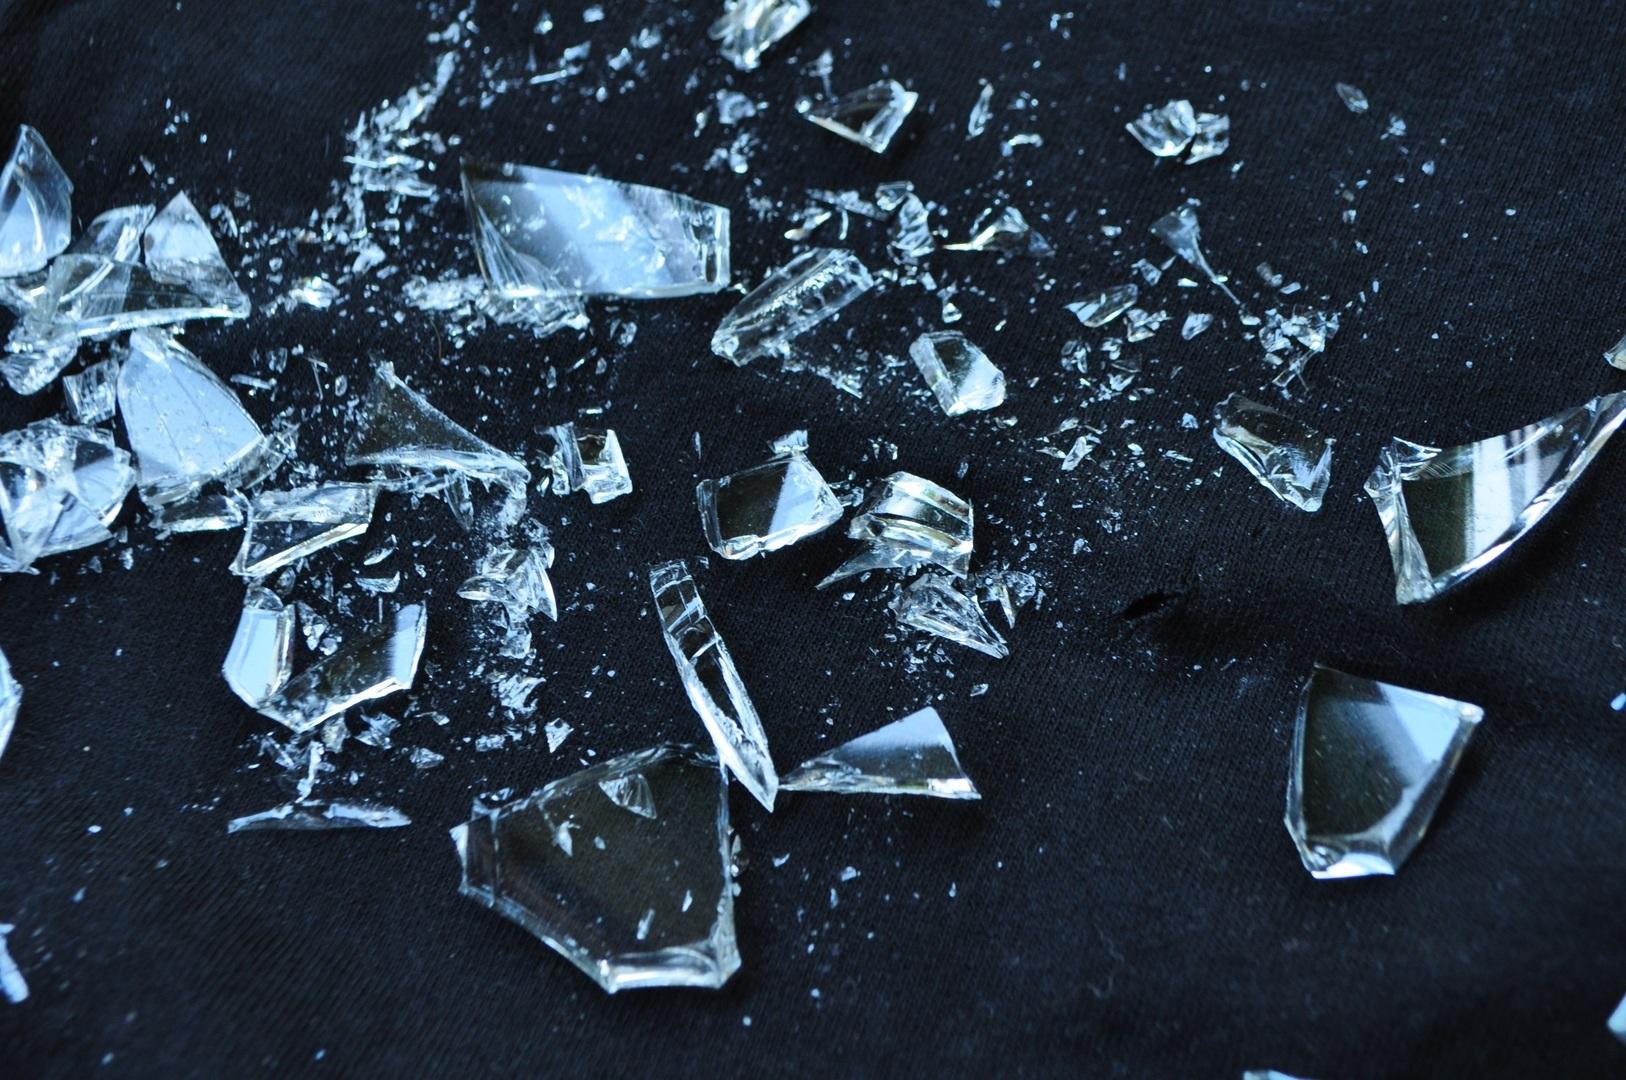 glas op dansvloer letsel letselschade